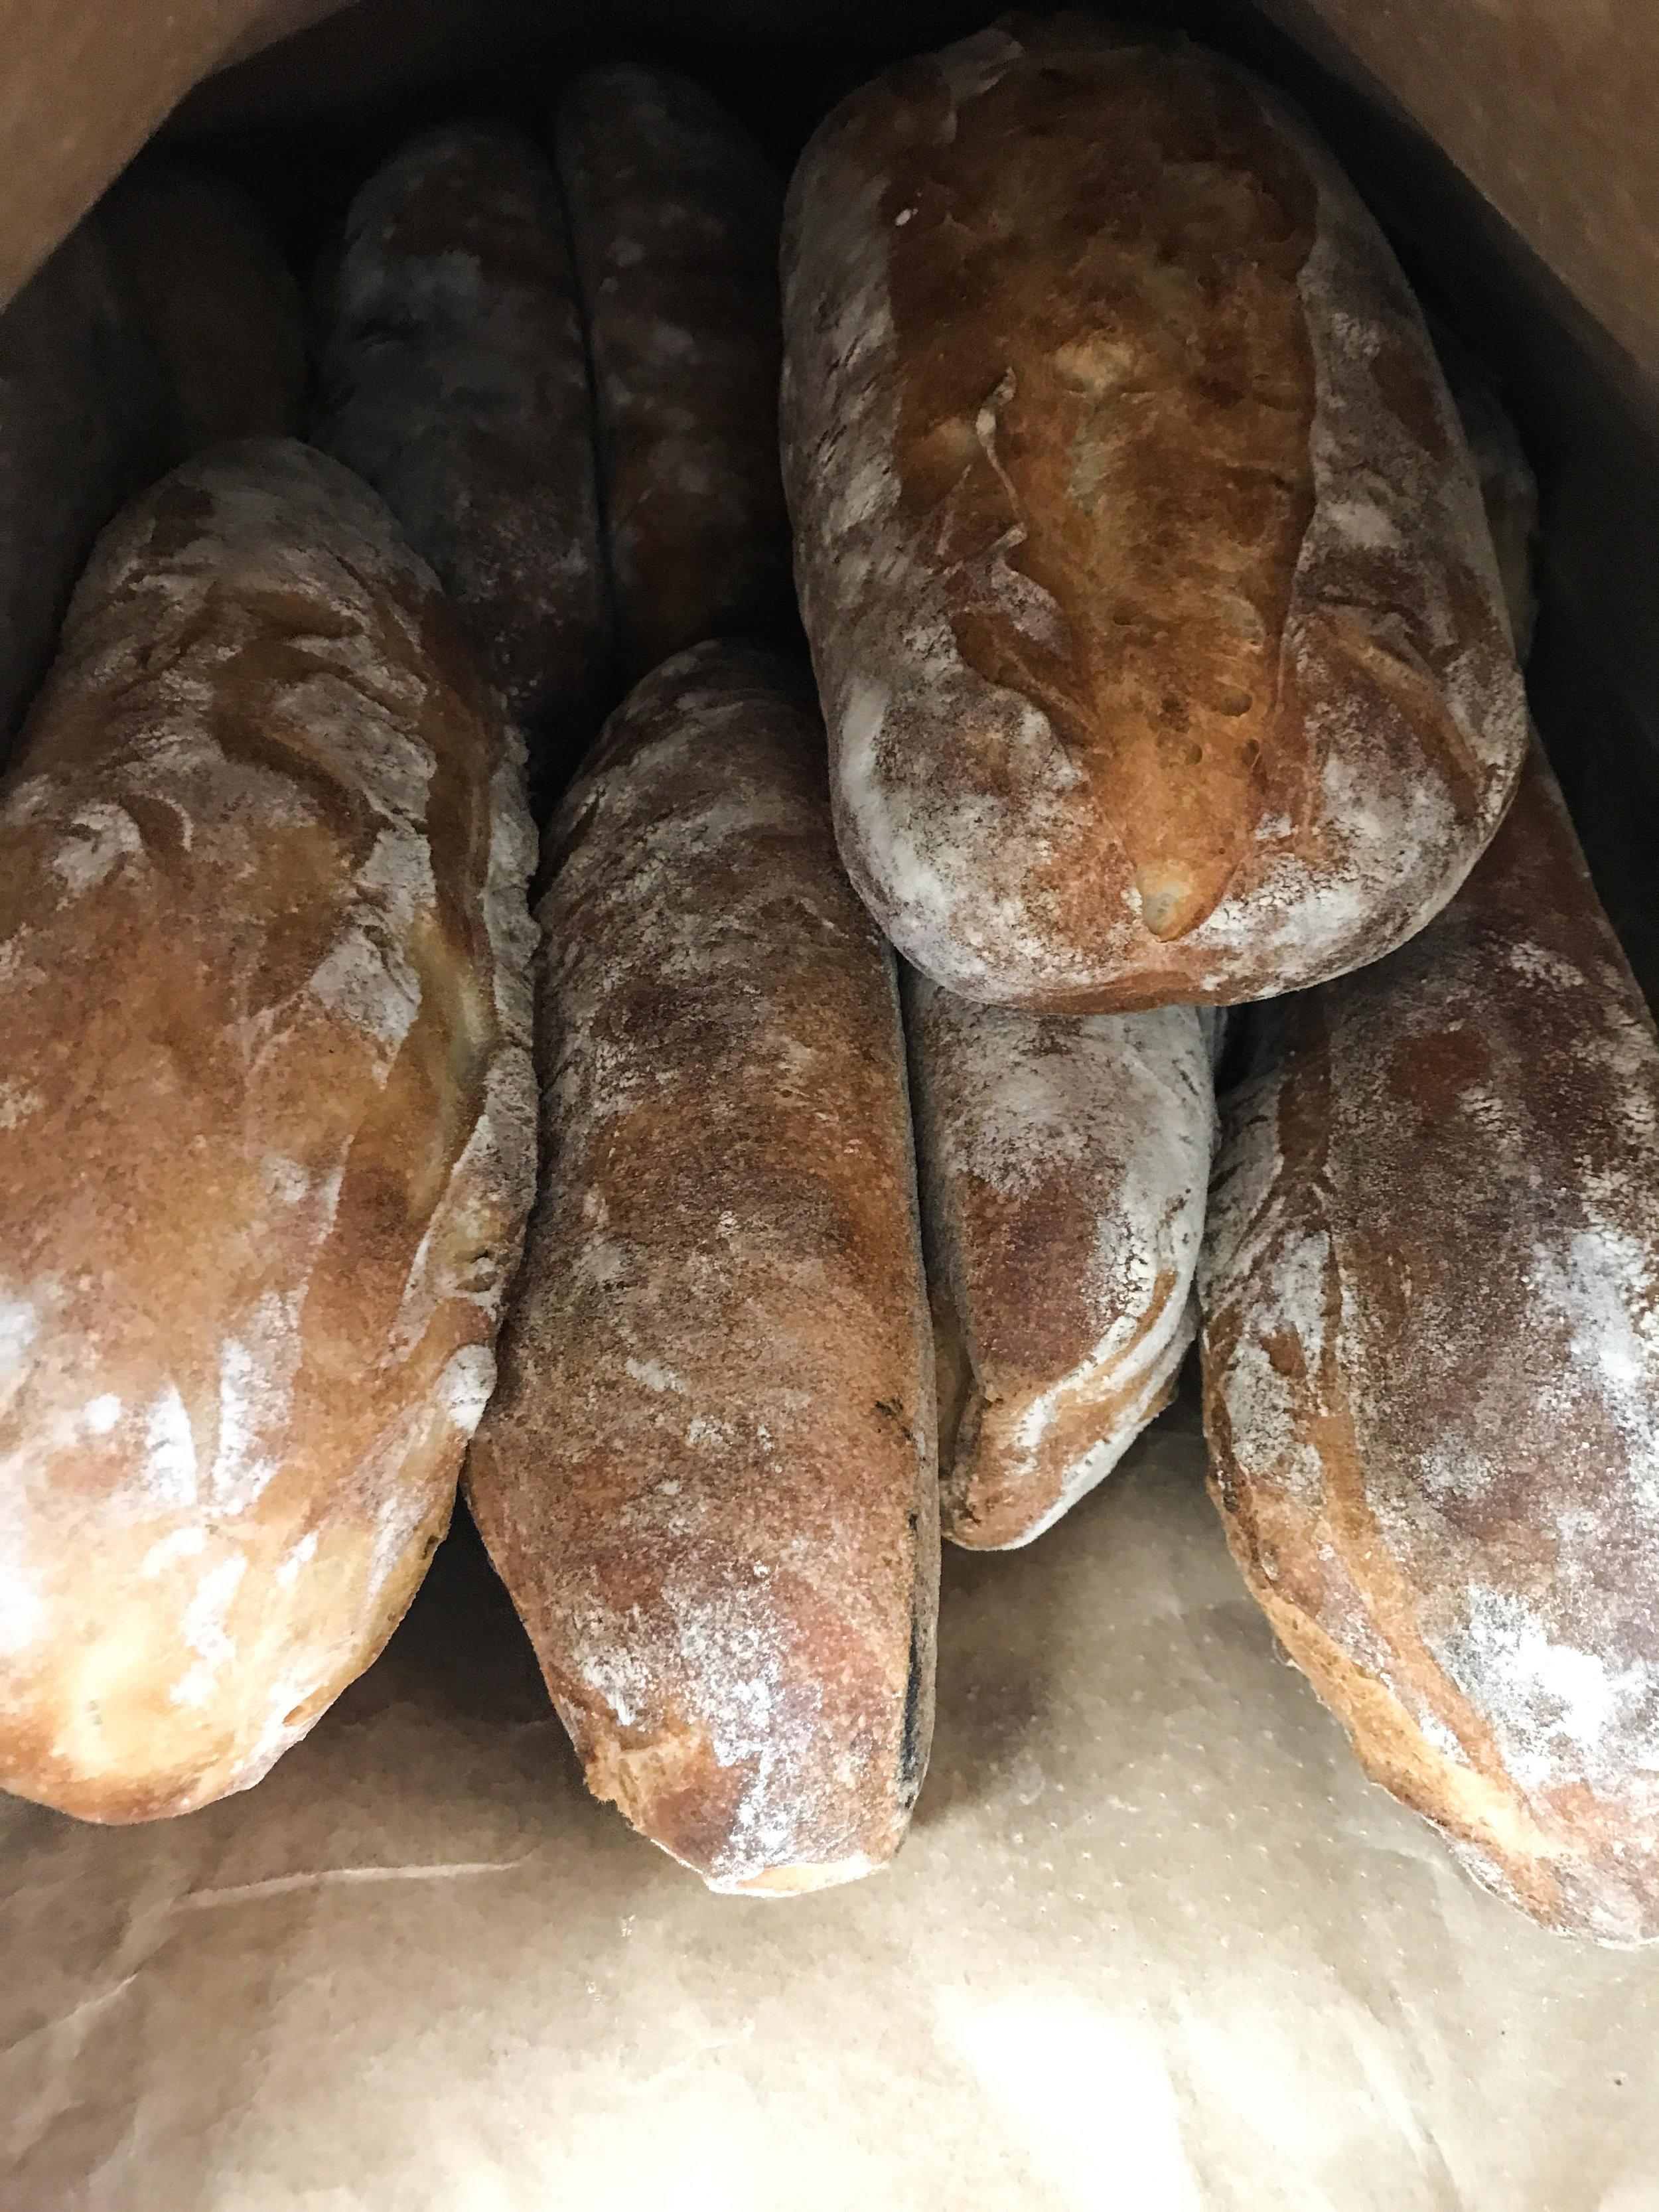 Bread /  Hinkel's Bakery